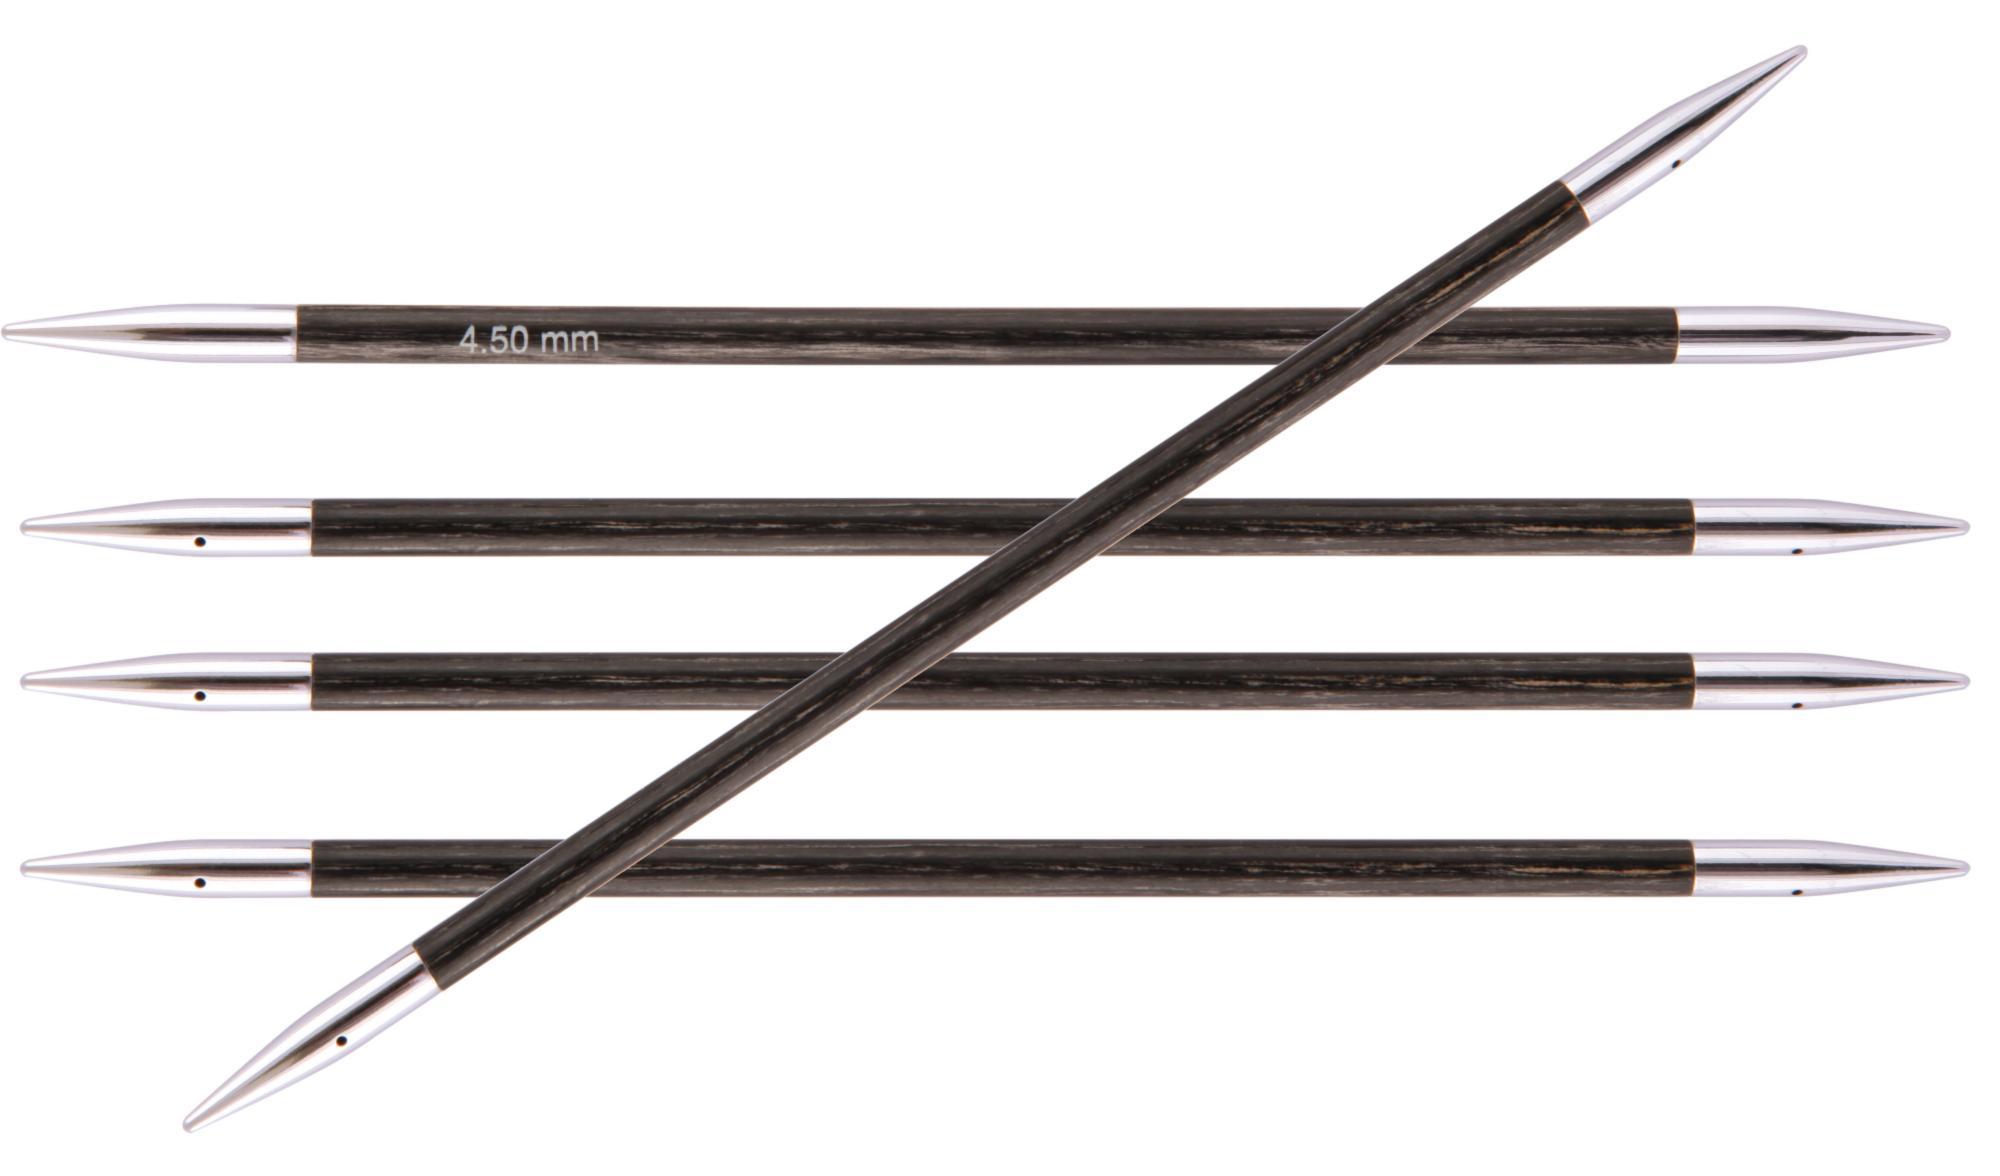 Спицы носочные 15 см Royale KnitPro, 29010, 4.50 мм